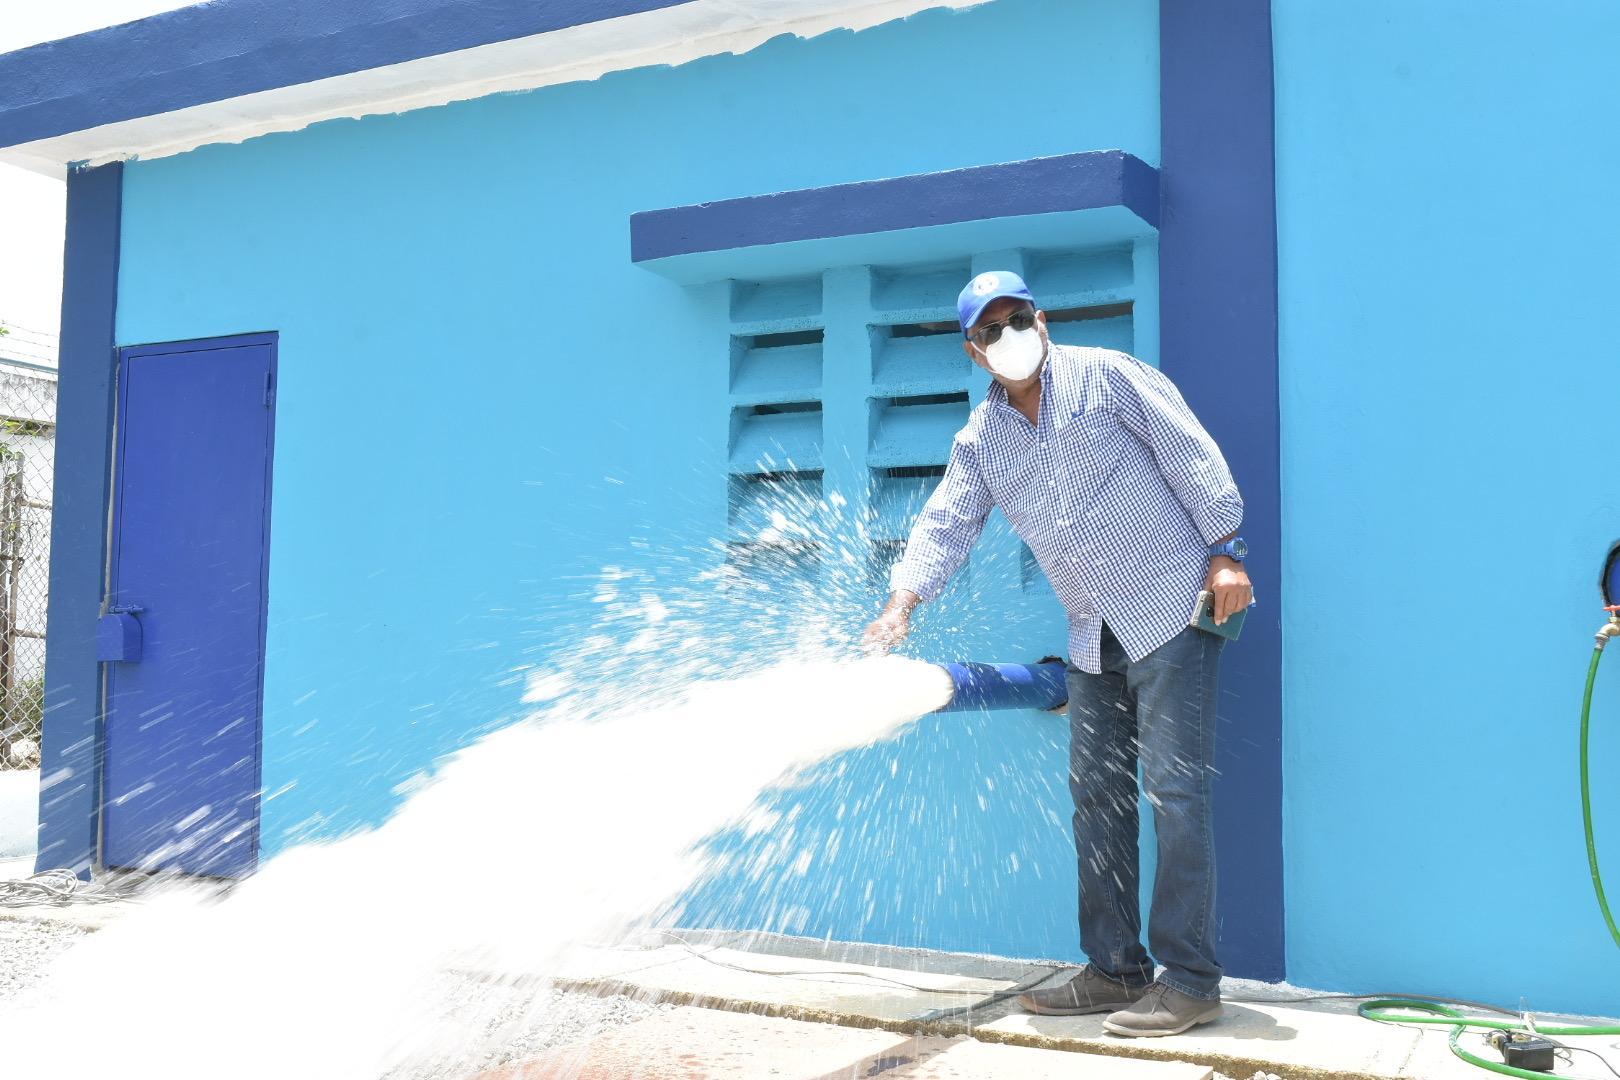 El INAPA pone en servicio nuevas obras en varias provincias del país